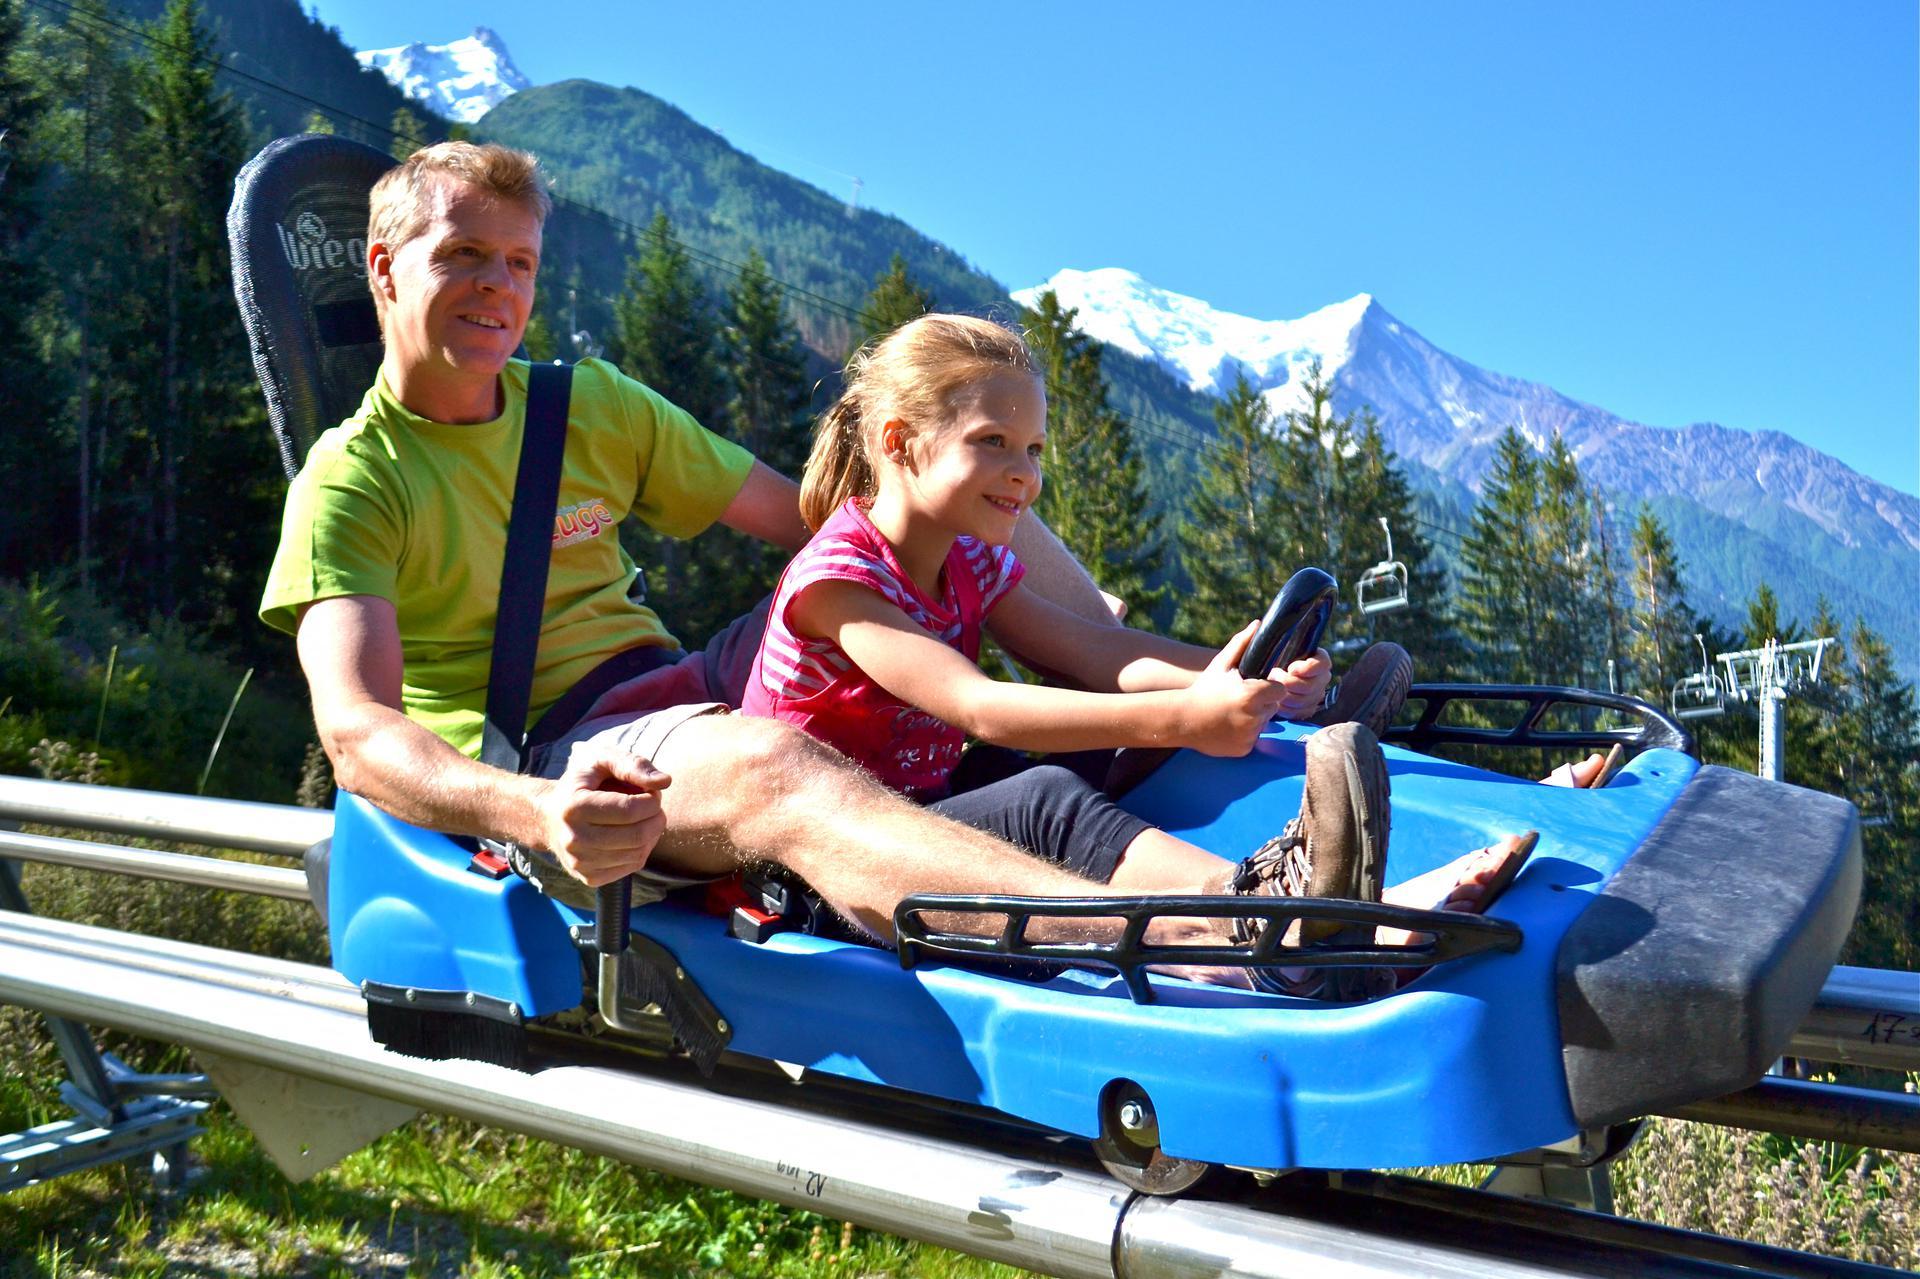 Montagne : la Vallée de Chamonix offre 35 activités aux vacanciers résident sur place ! Parc-Attractions-Planards-----Chamonix-Parc_1